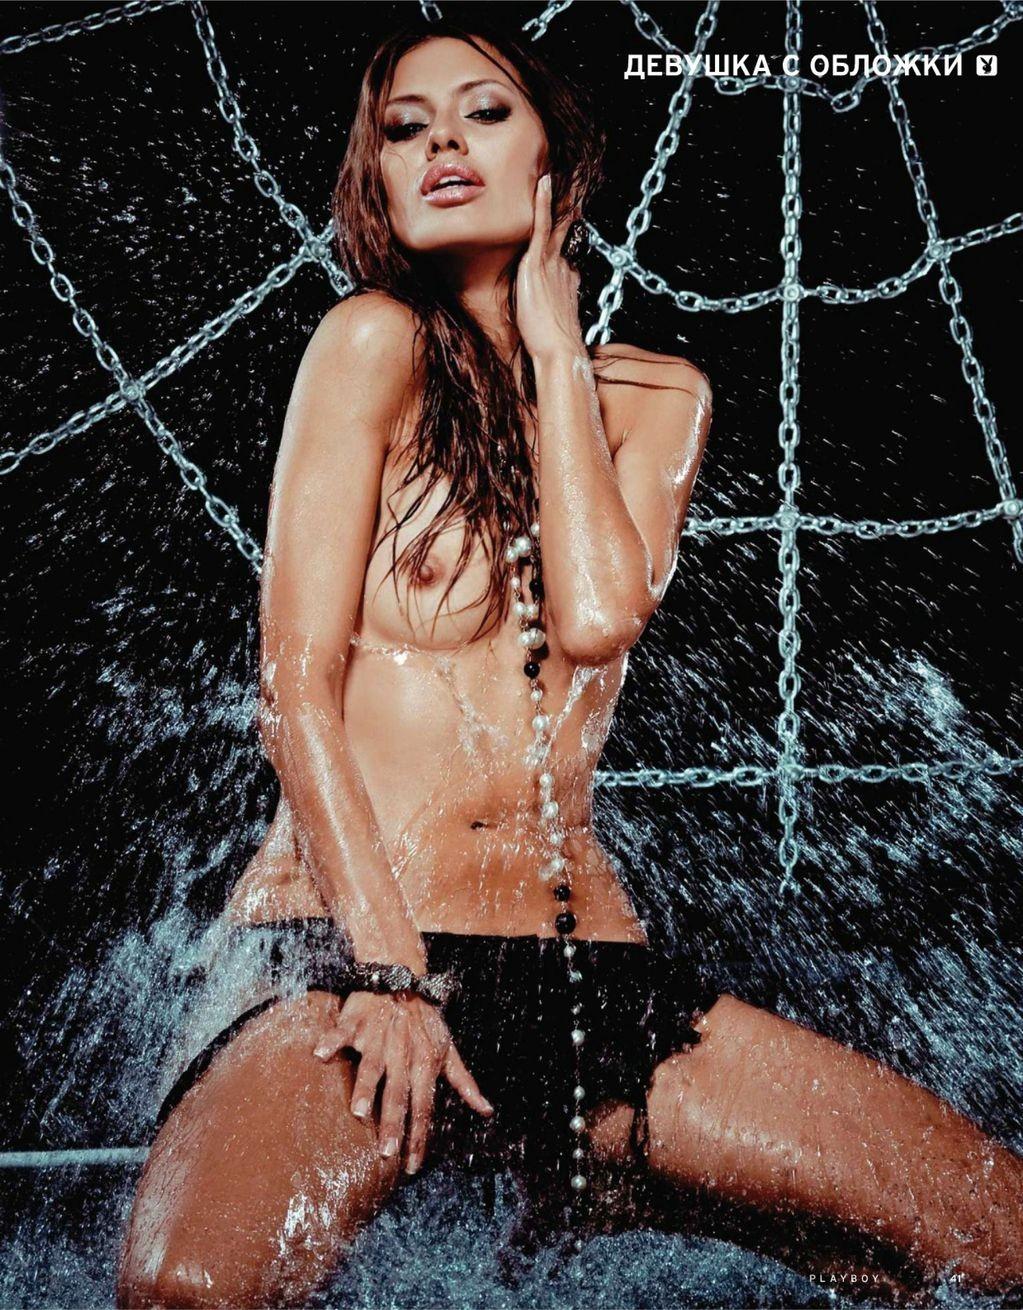 vika-bonya-foto-erotika-porno-v-tyurme-i-sizo-fotogalereya